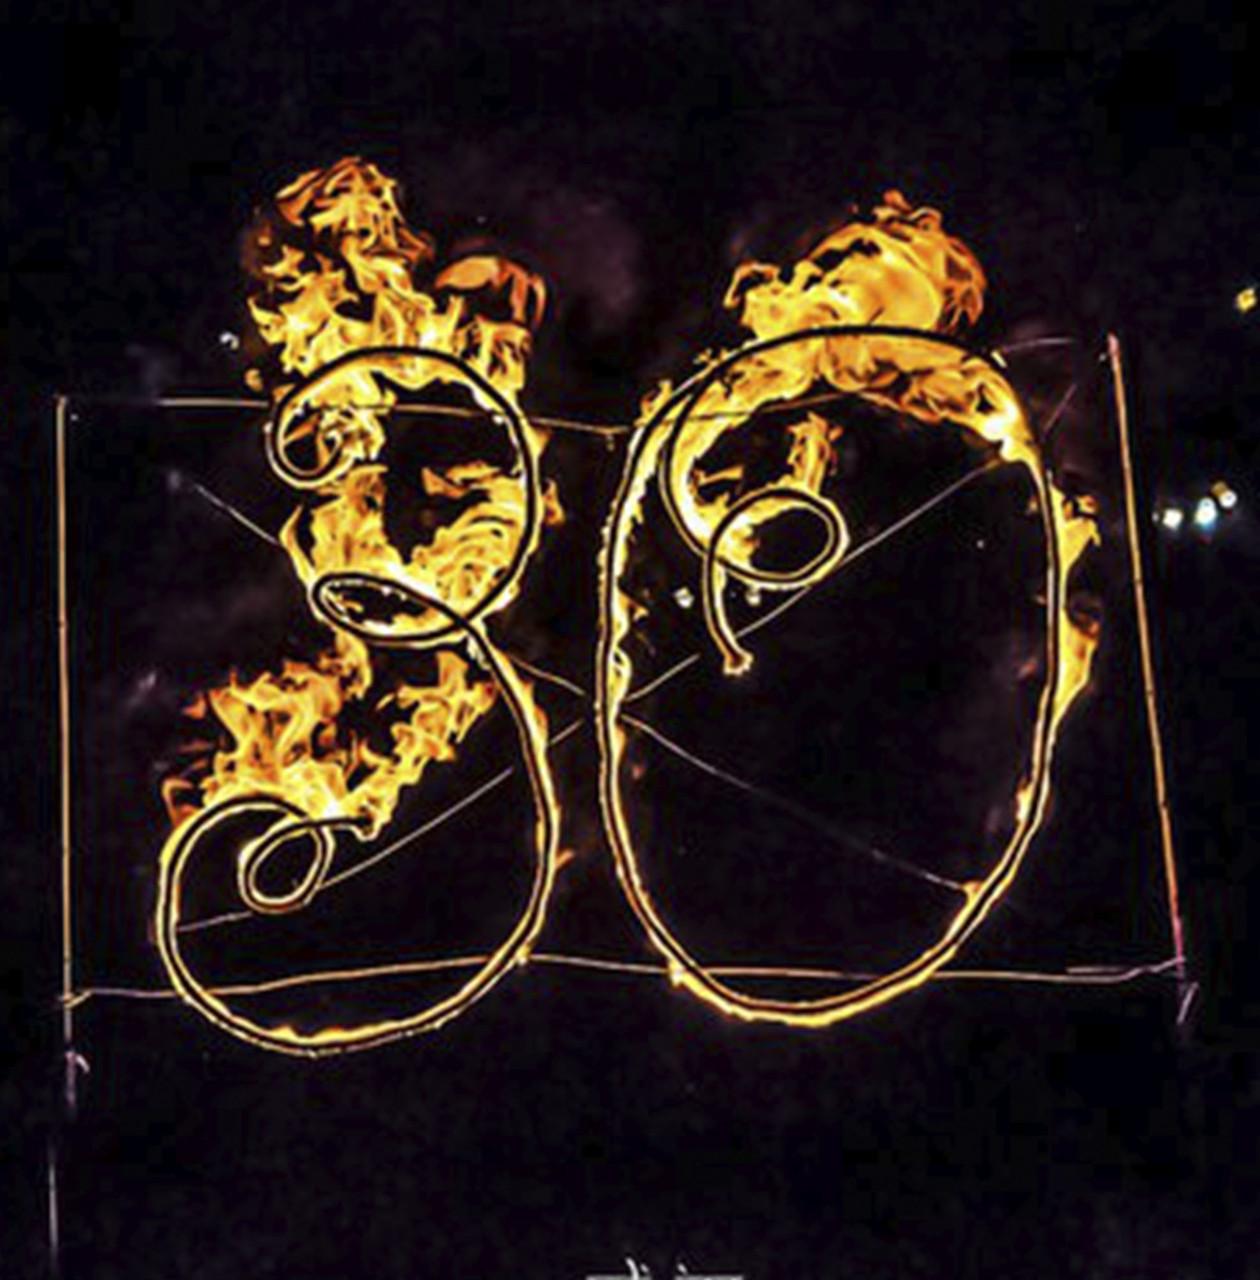 Огненные буквы, лого и инсталляции. Огненное сердце и цветы. Факела, чаши, огненные дорожки.